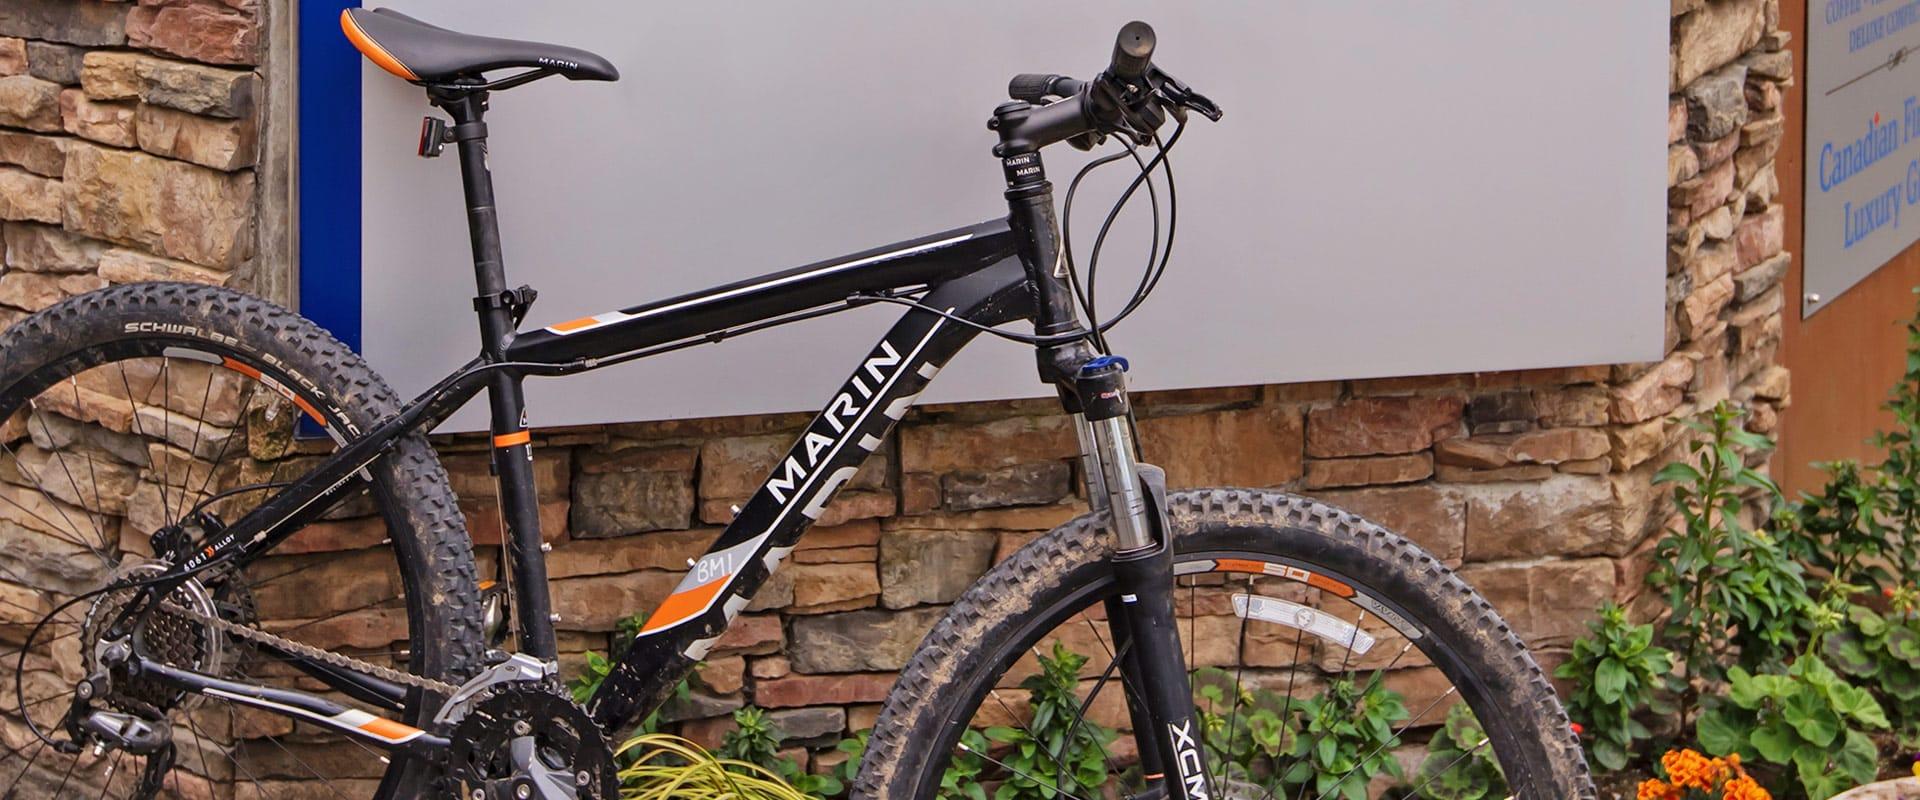 mountain-bike-rentals-banner